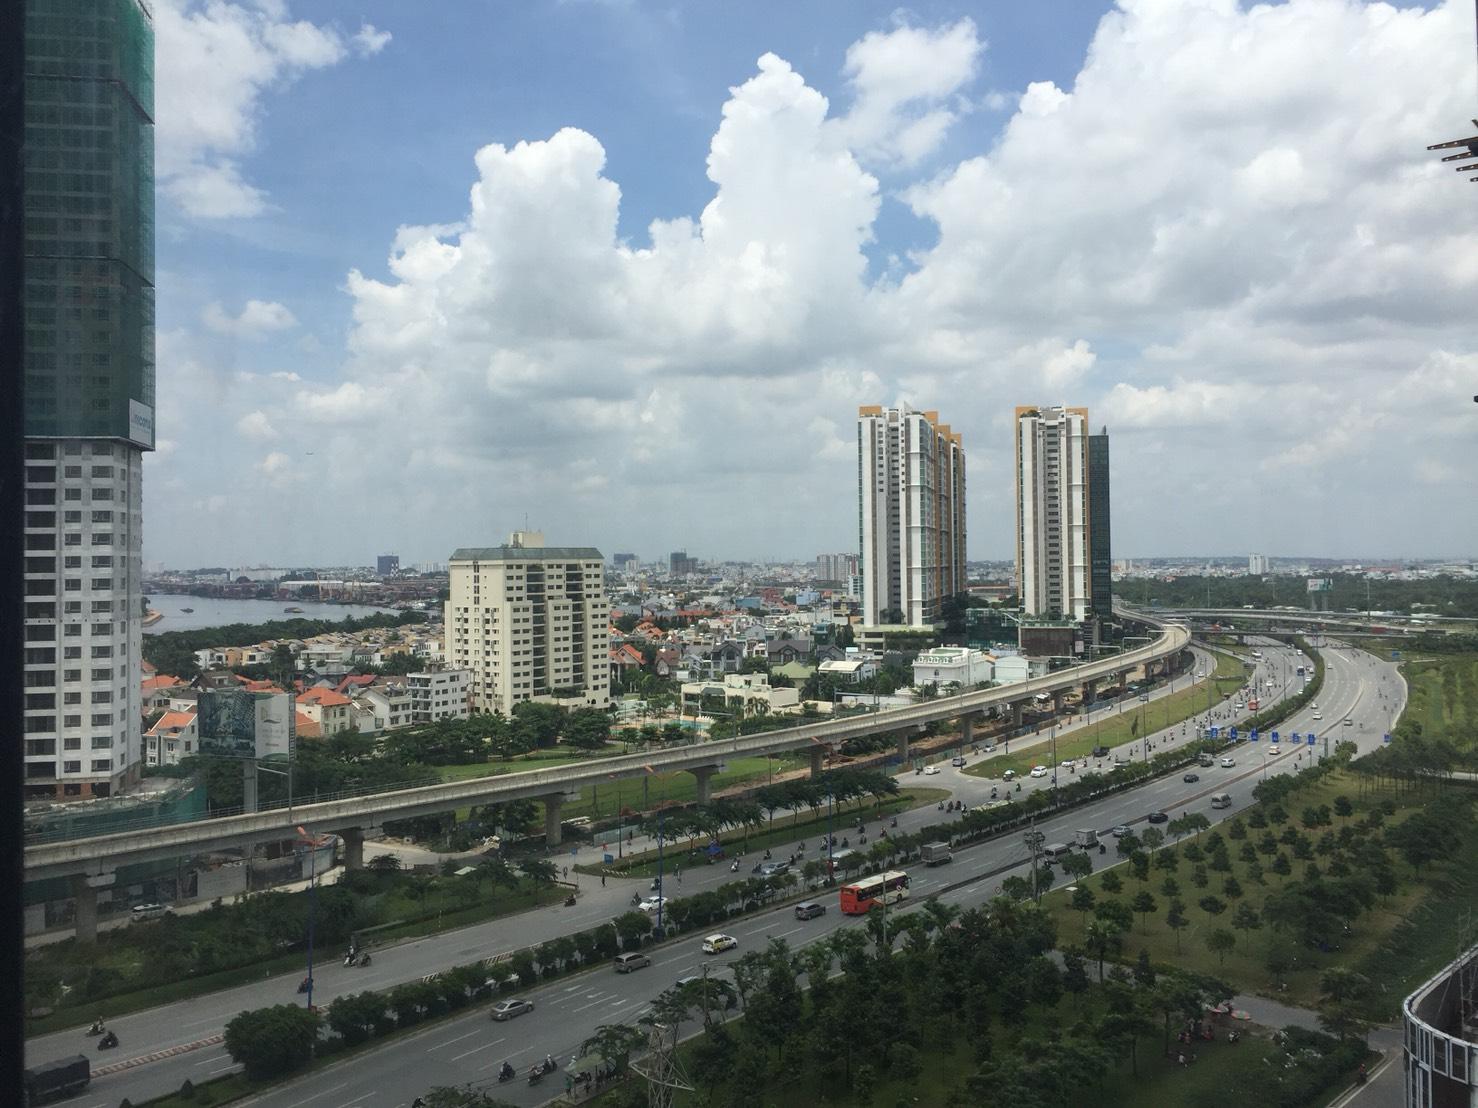 精明投資越南房地產 投資越南房地產一定要認識的-越南10大建商+開發商總整理 下 @東南亞投資報告